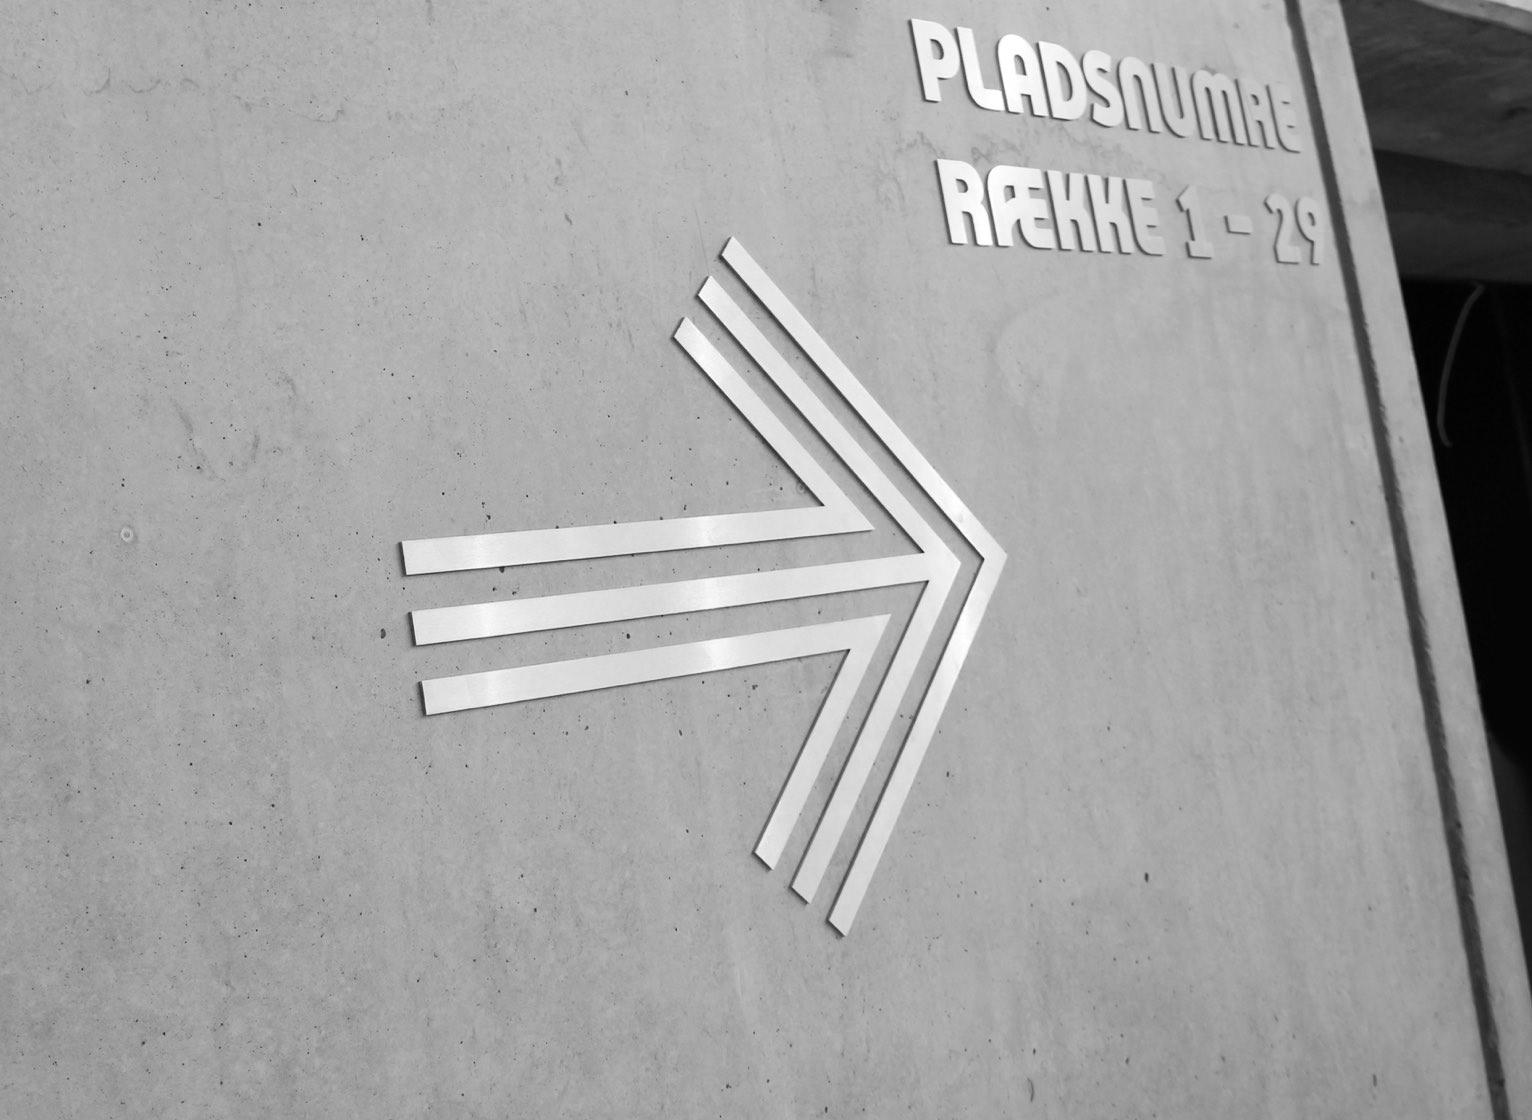 musikkenshus_signage01